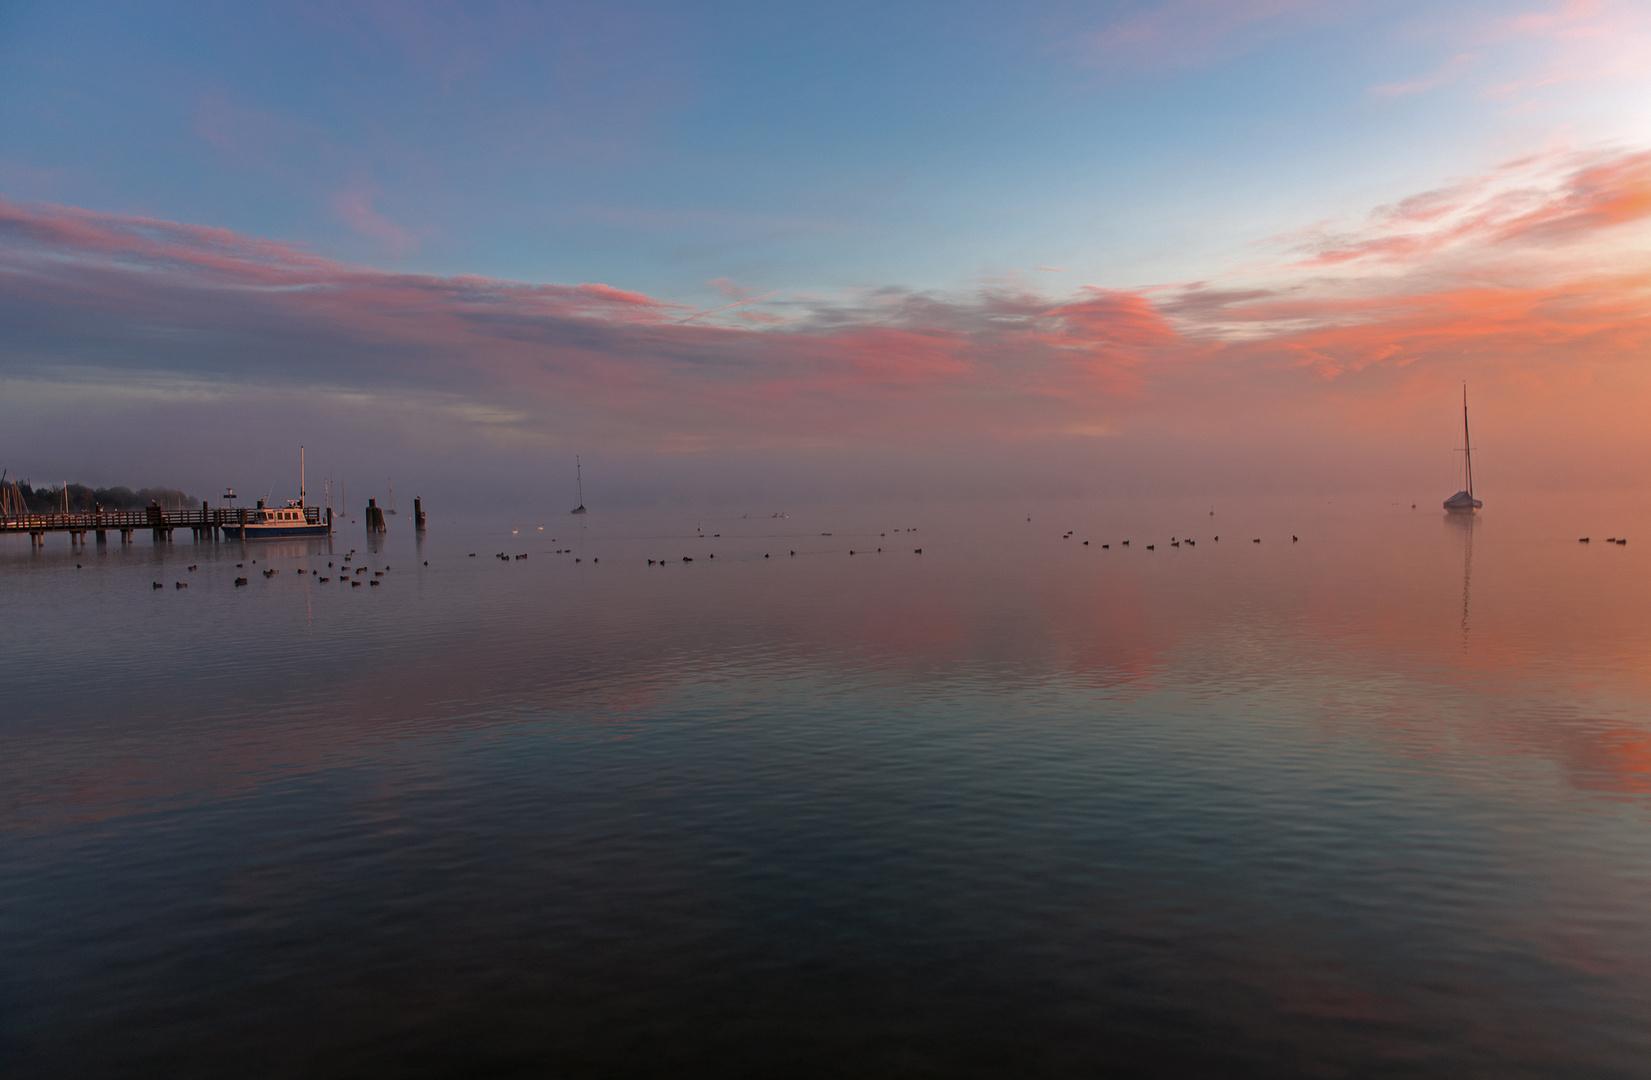 Blickrichtung Süden - Streiflicht vom Sonnenaufgang